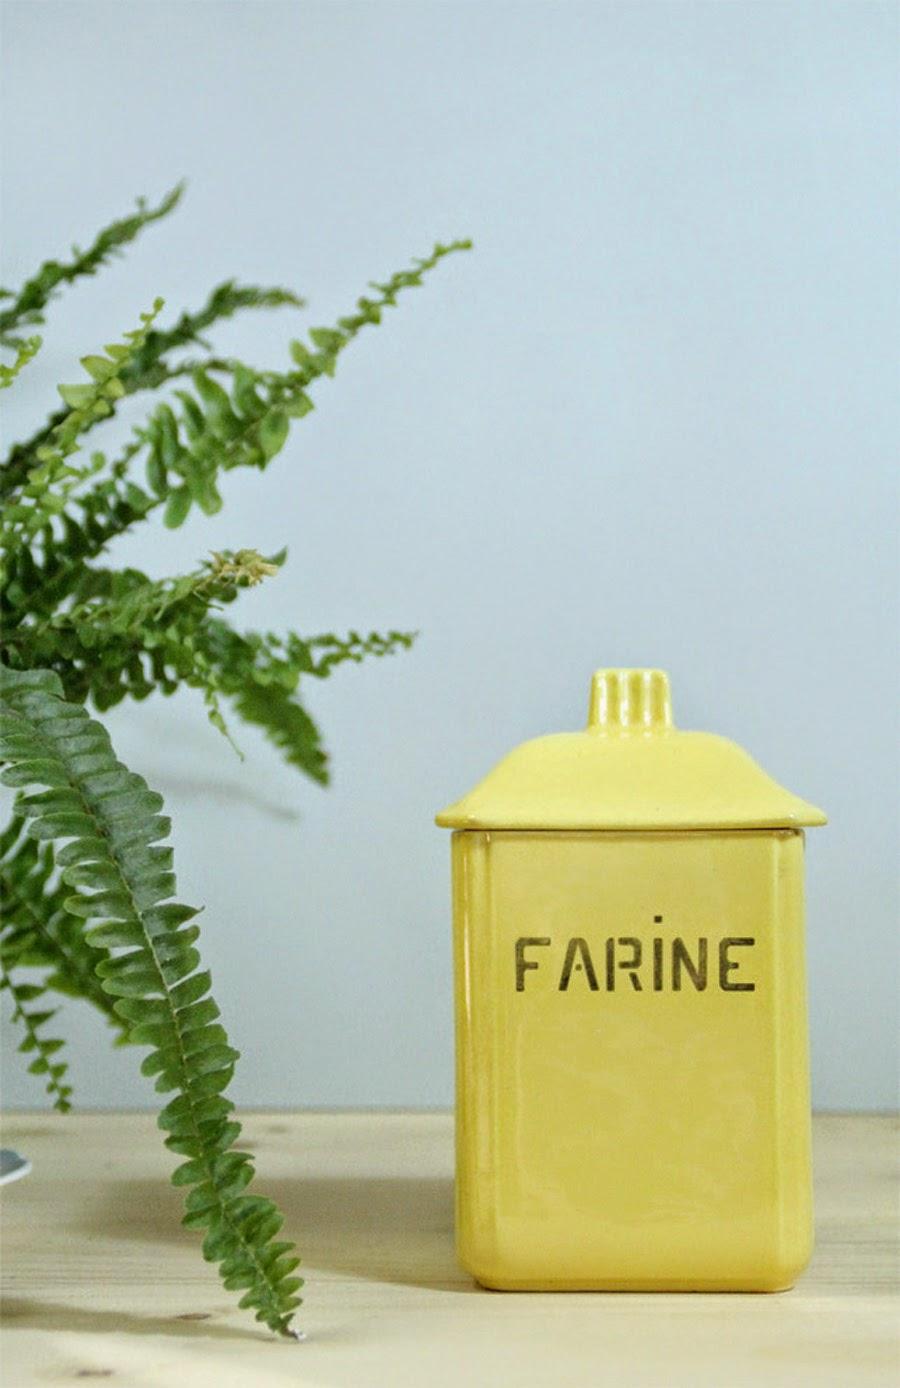 Vaisselle vintage décoration pot à farine jaune ancien faience